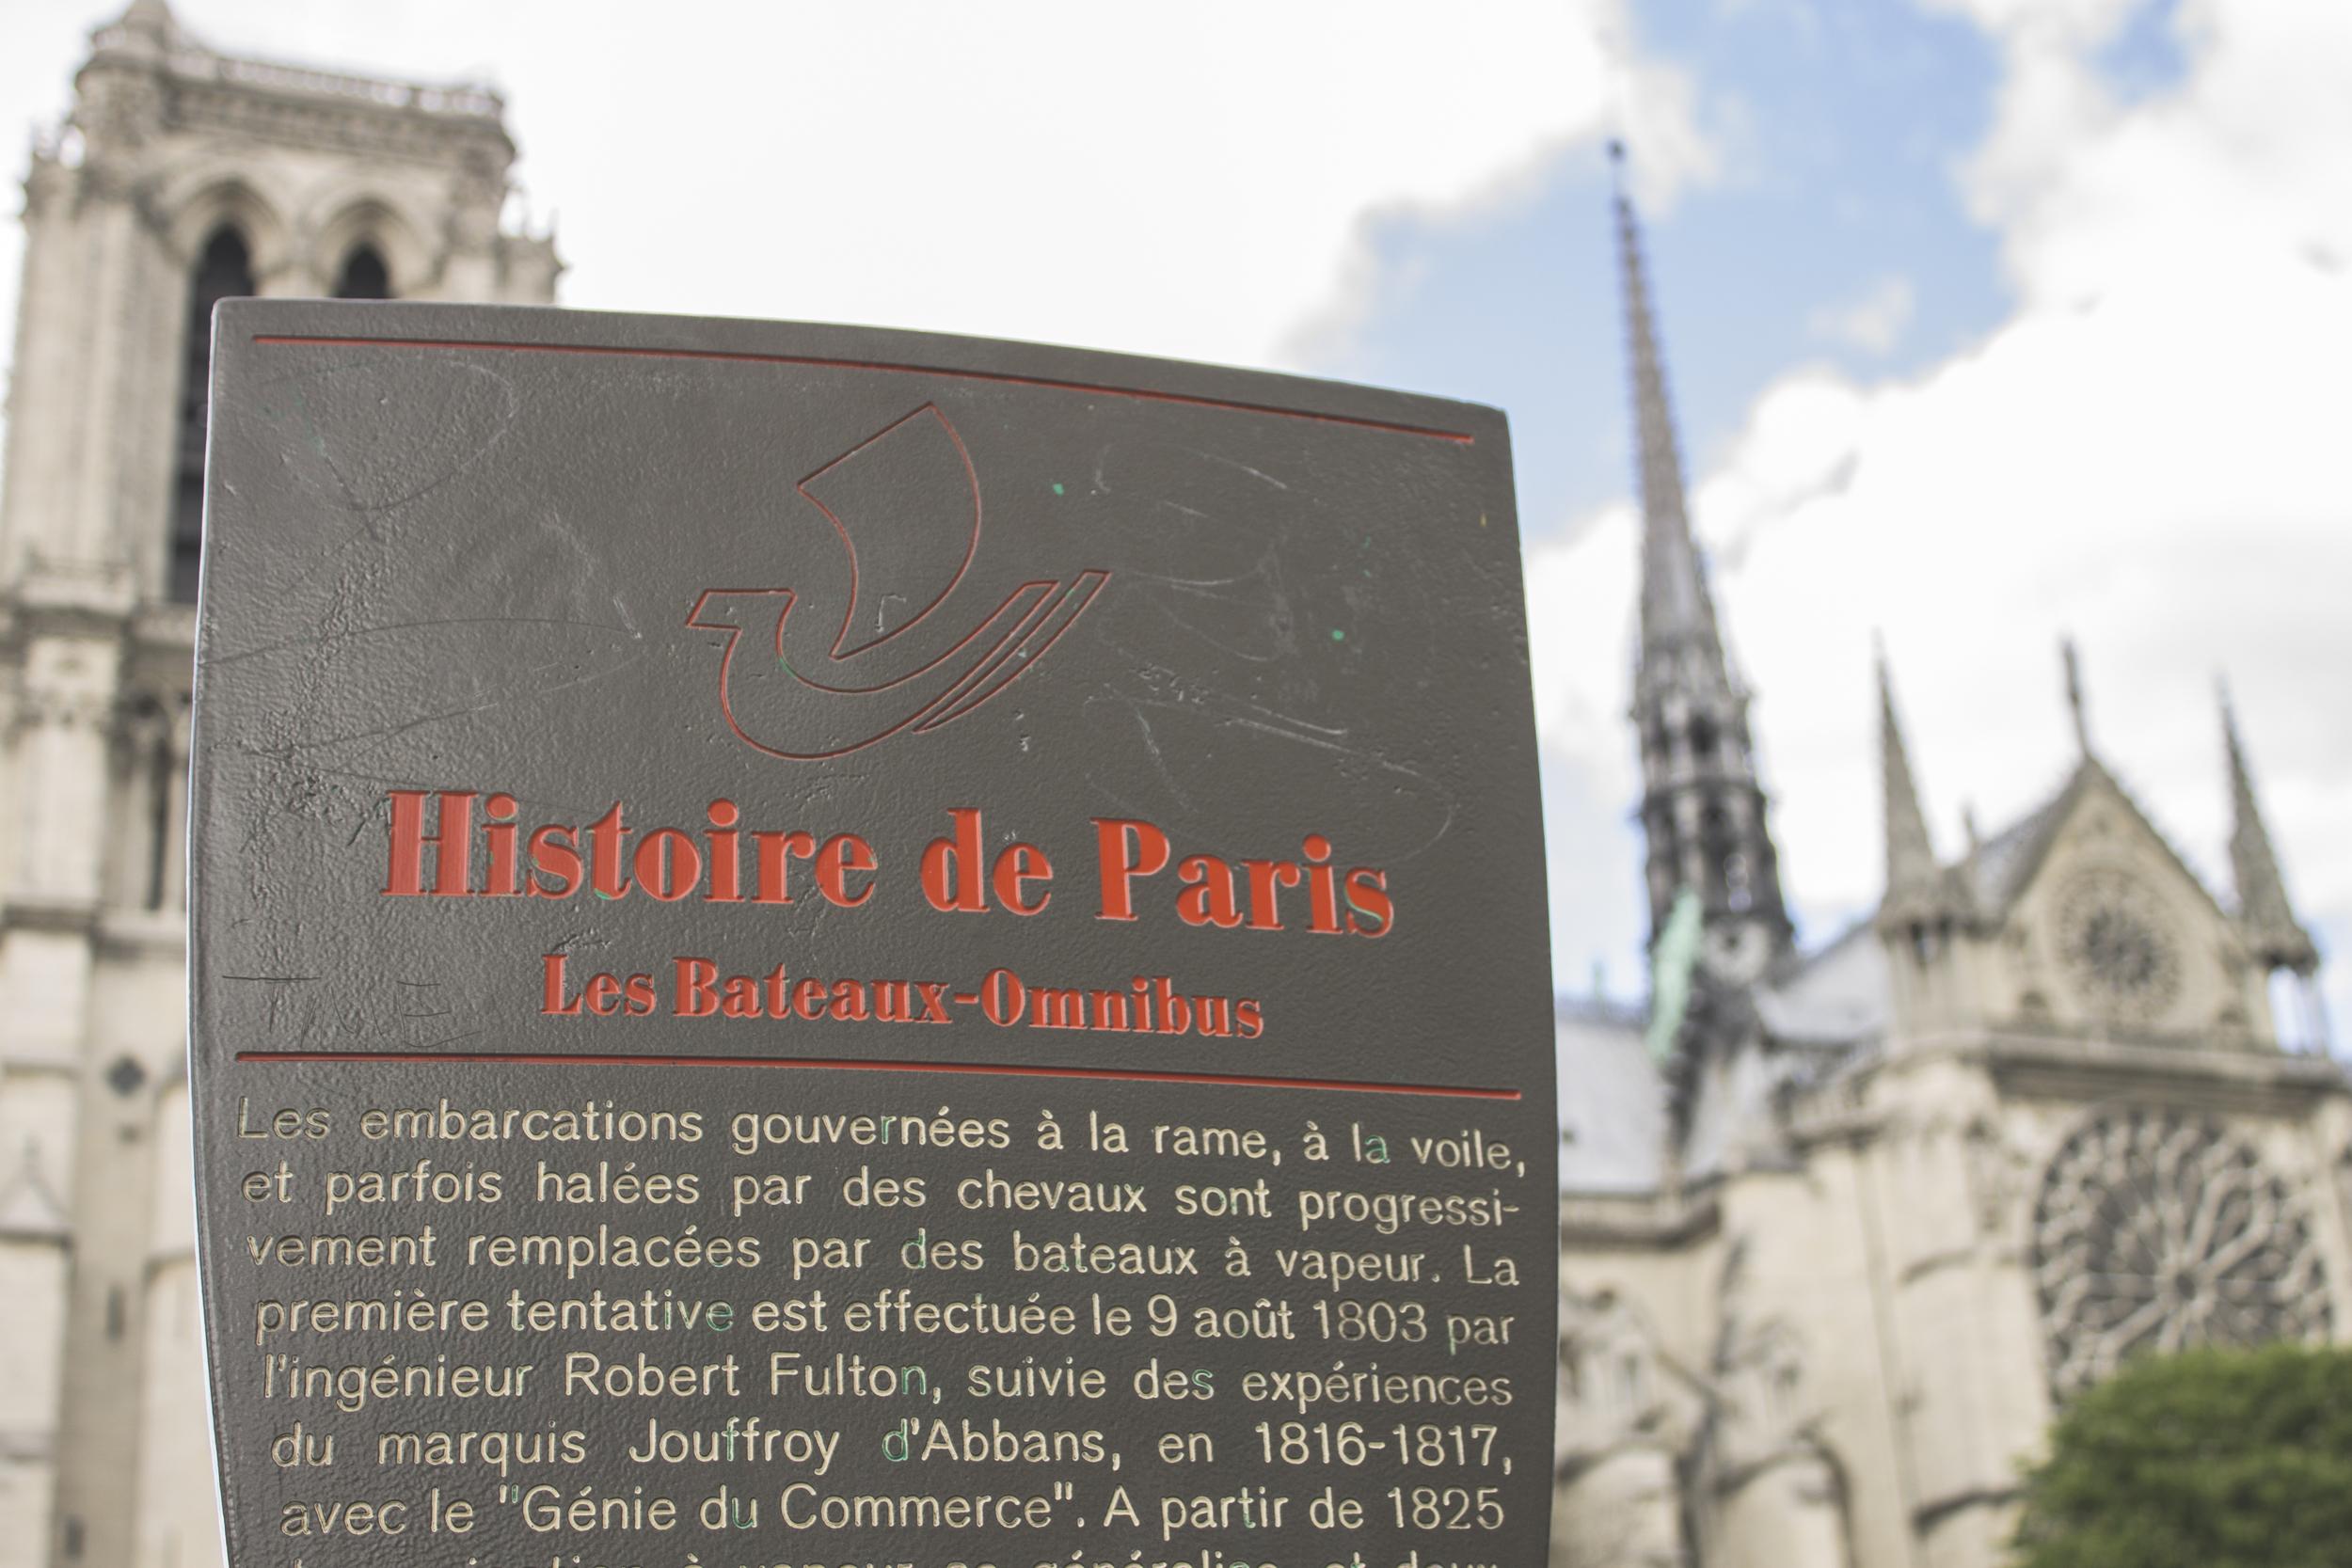 Paris, taken with Canon T3